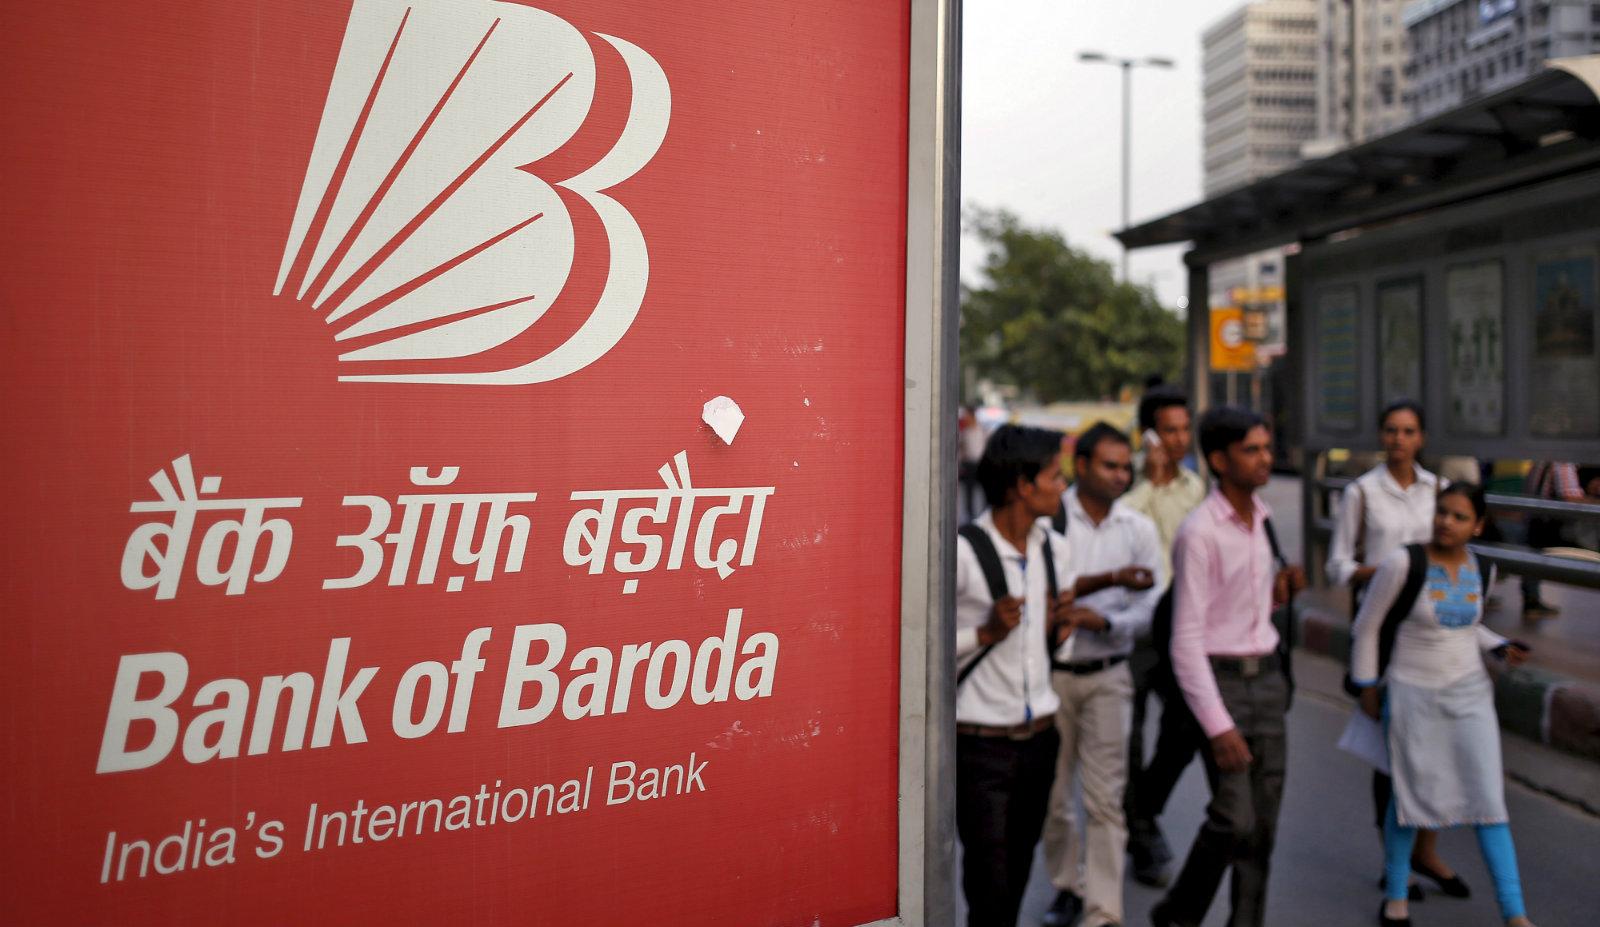 India-bank-of-baroda